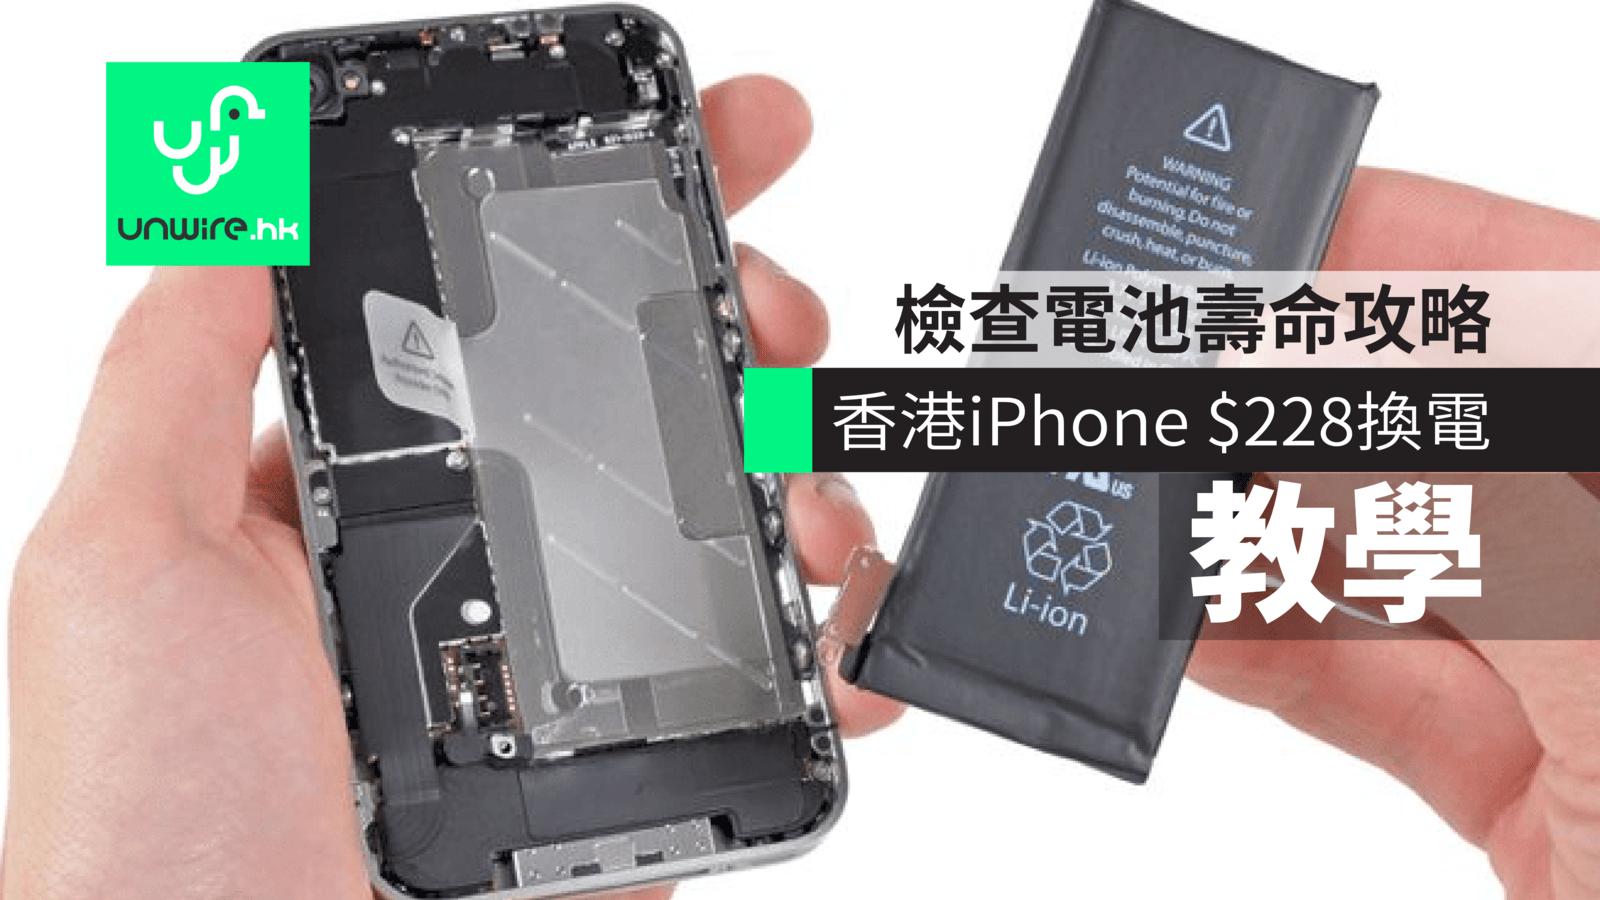 【教學】香港 iPhone $228 換電登記步驟 檢查電池壽命攻略 - 香港 unwire.hk